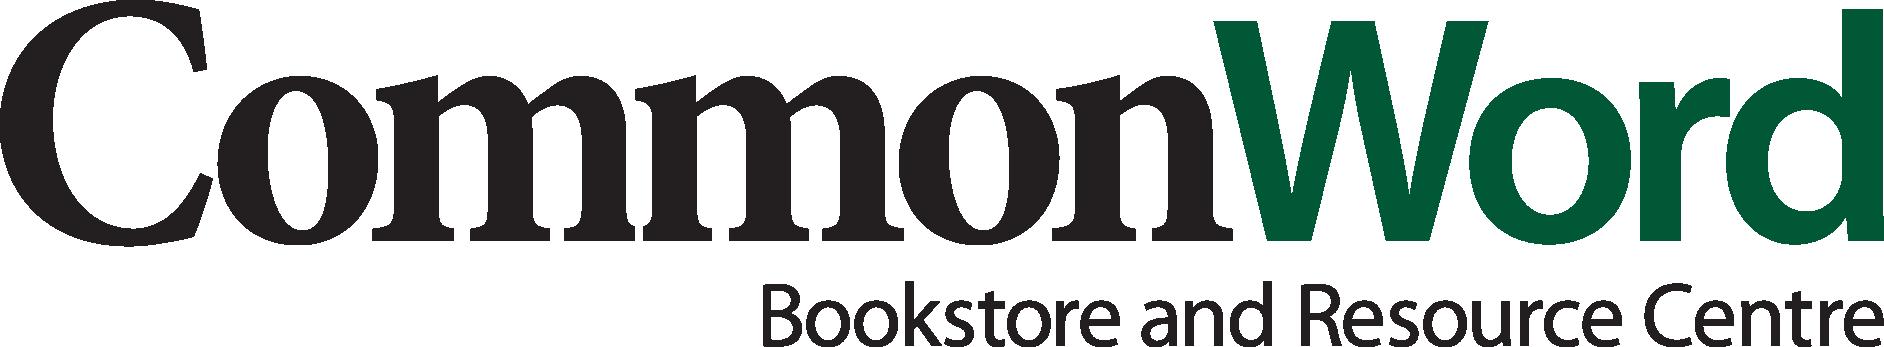 CommonWord logo